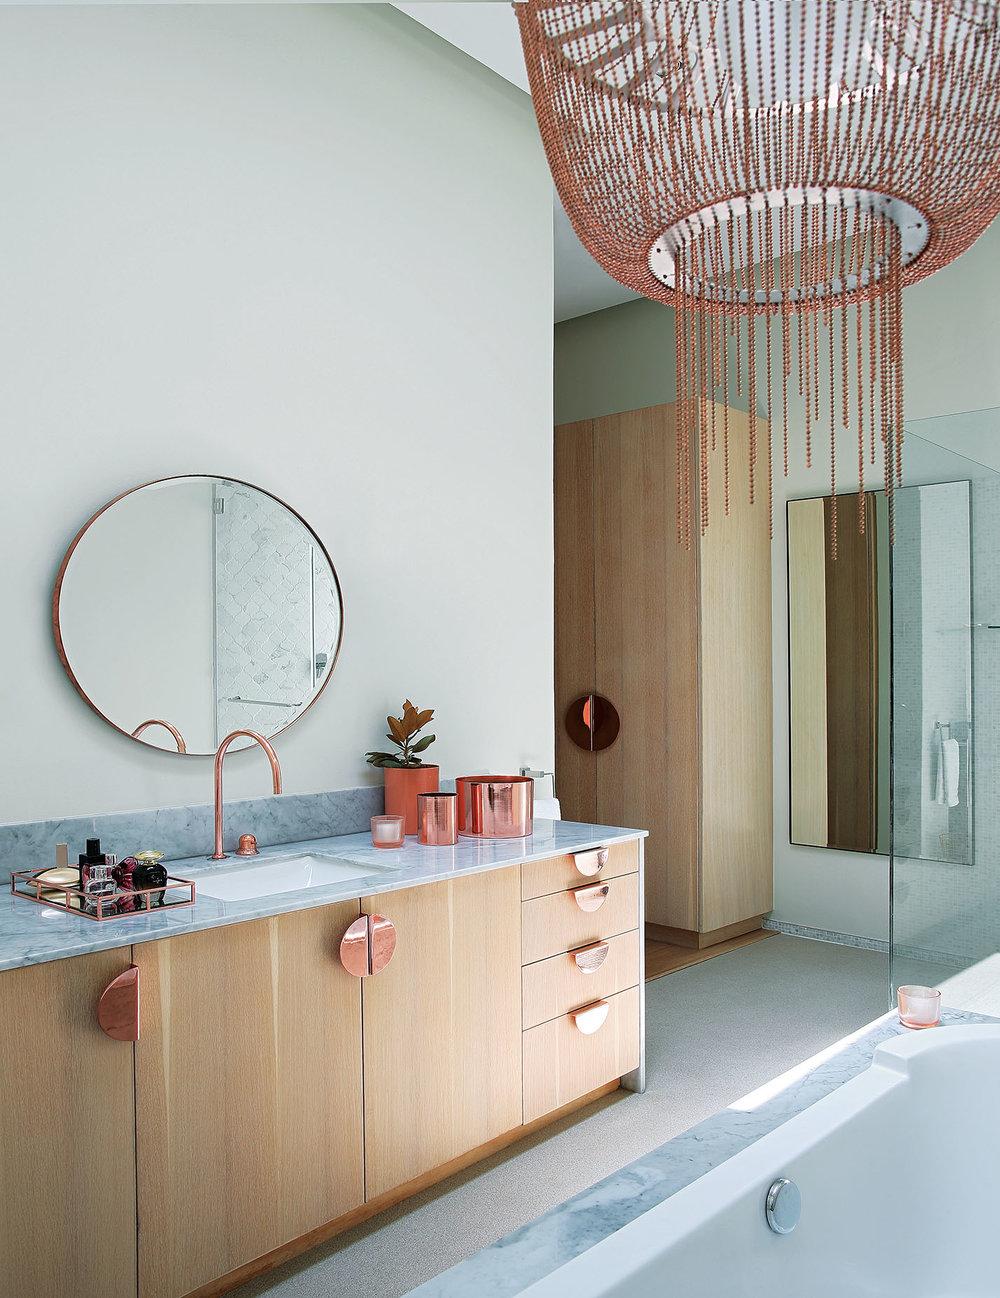 shahanah_bathroom2_2.jpg